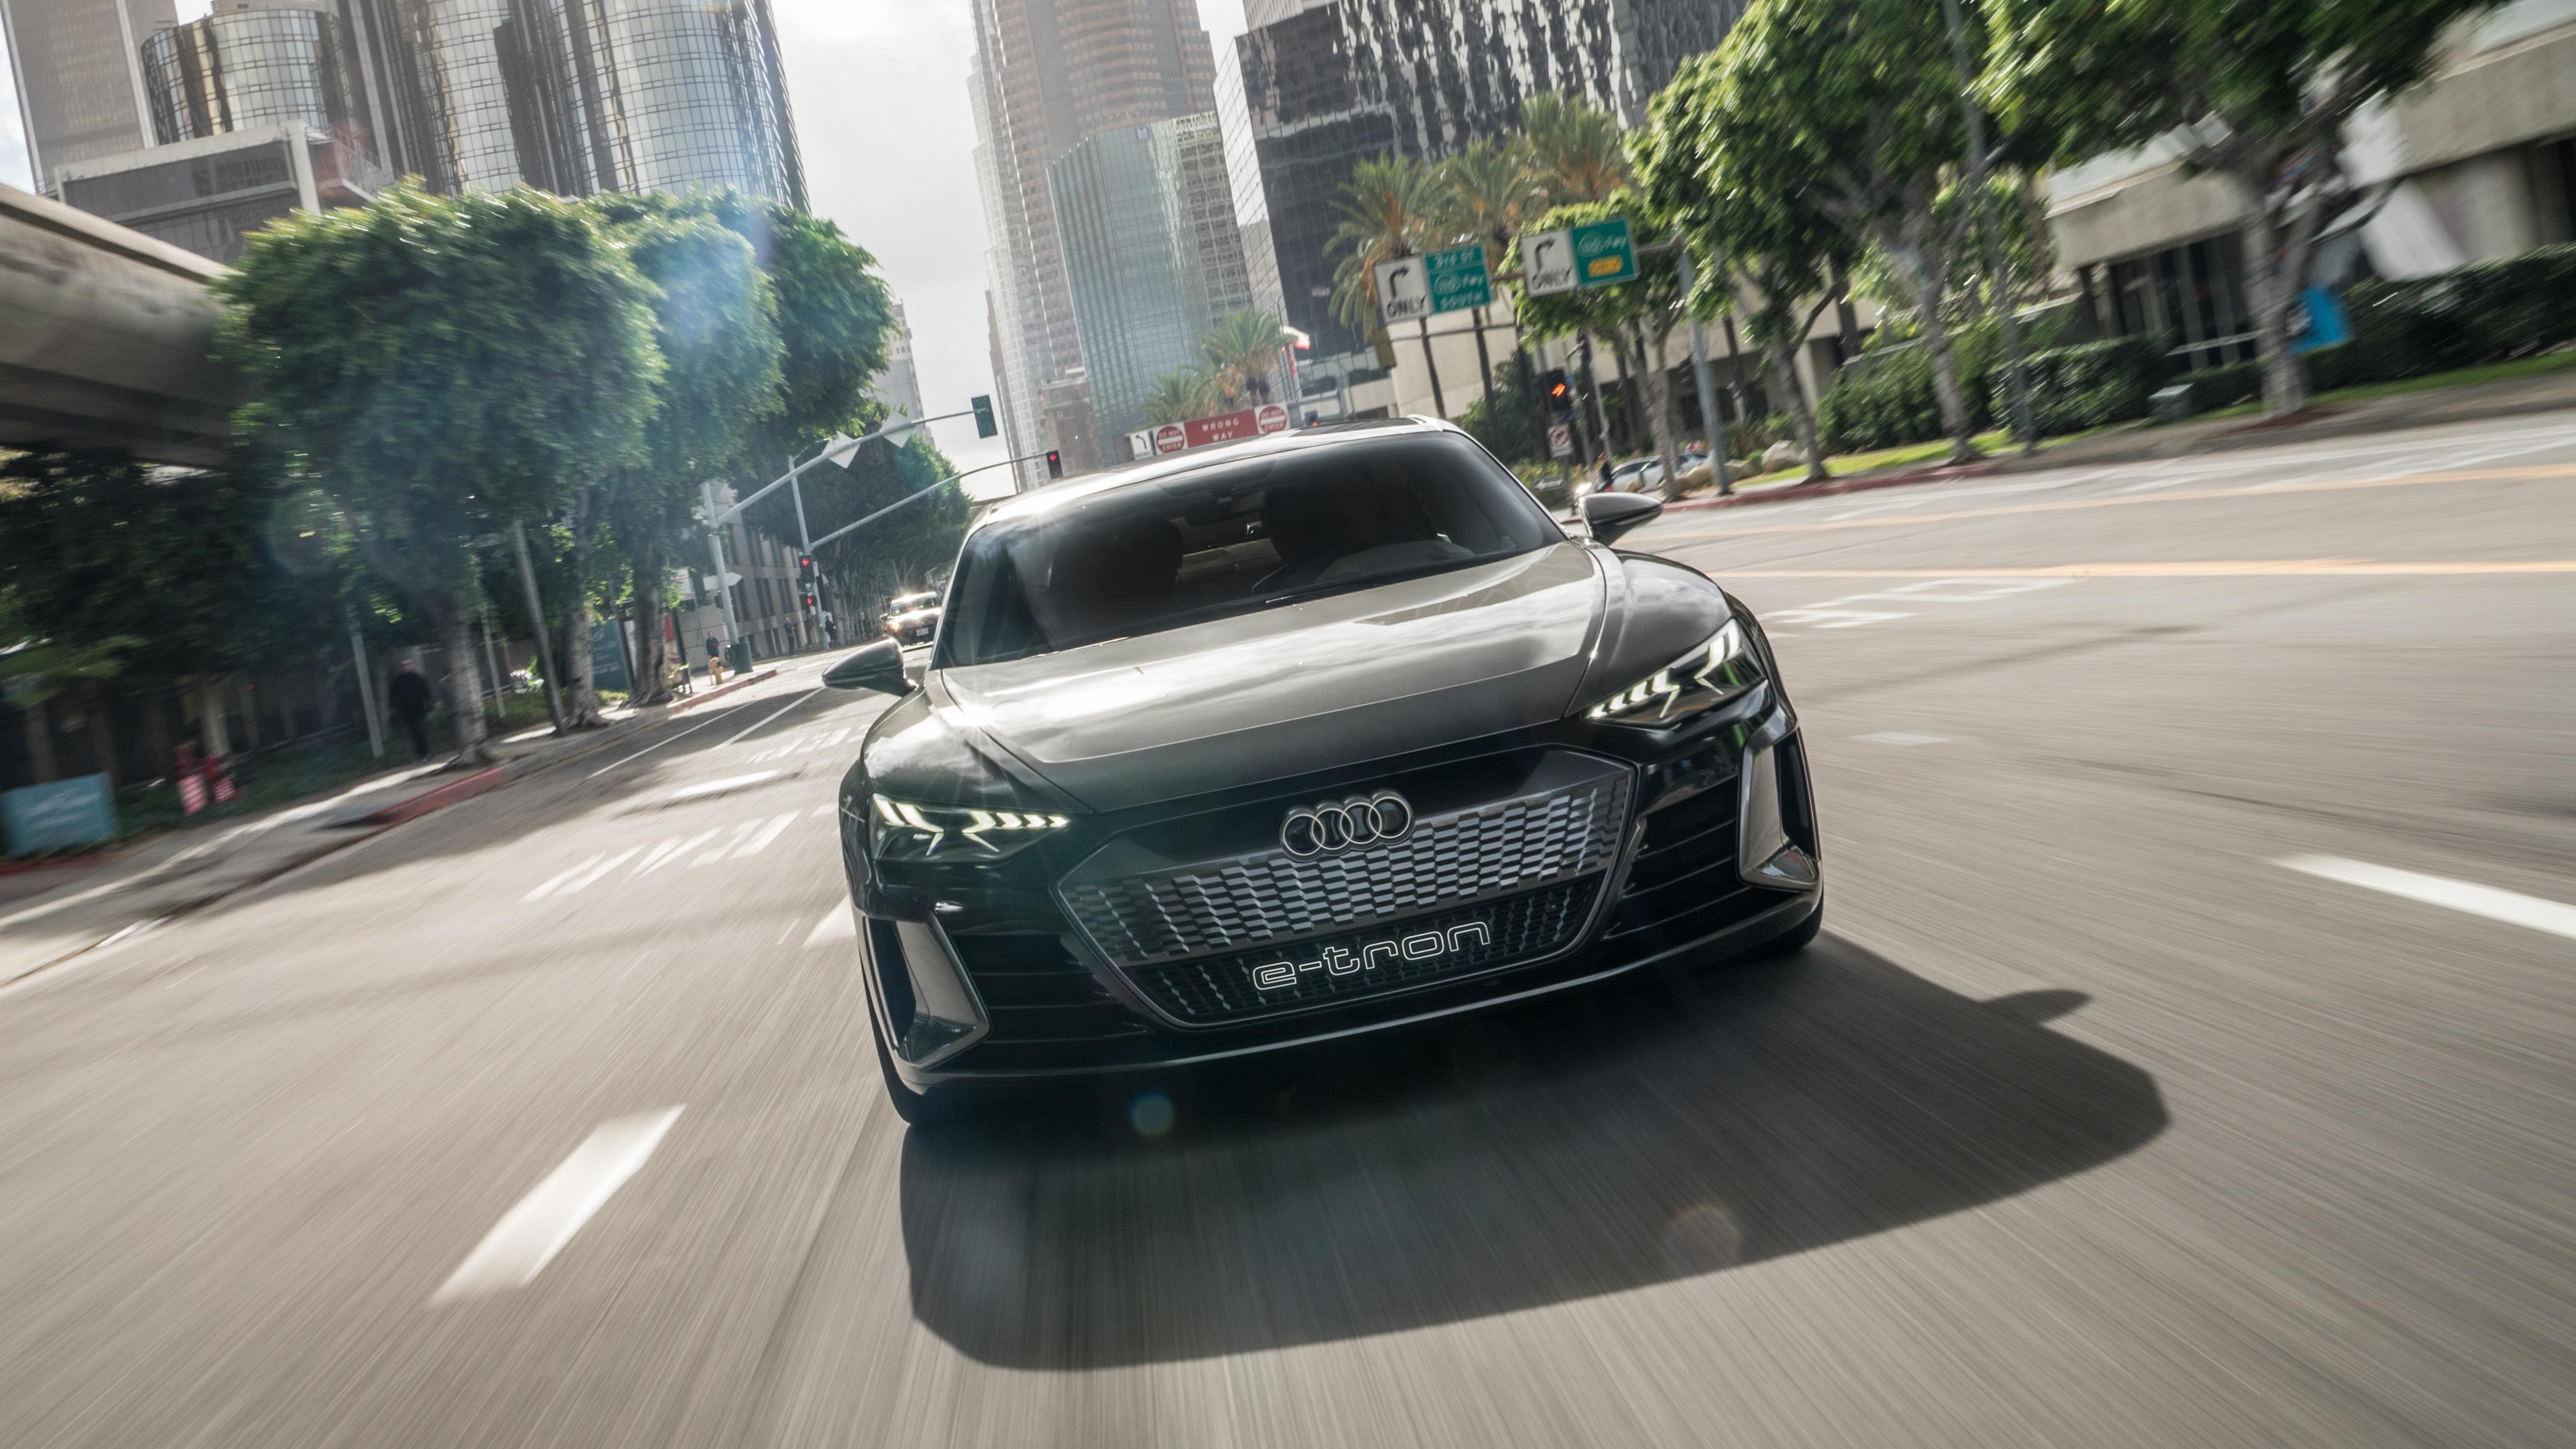 Audi E Tron Gt Concept 2019 4k Wallpaper Hd Car Wallpapers Id 11752